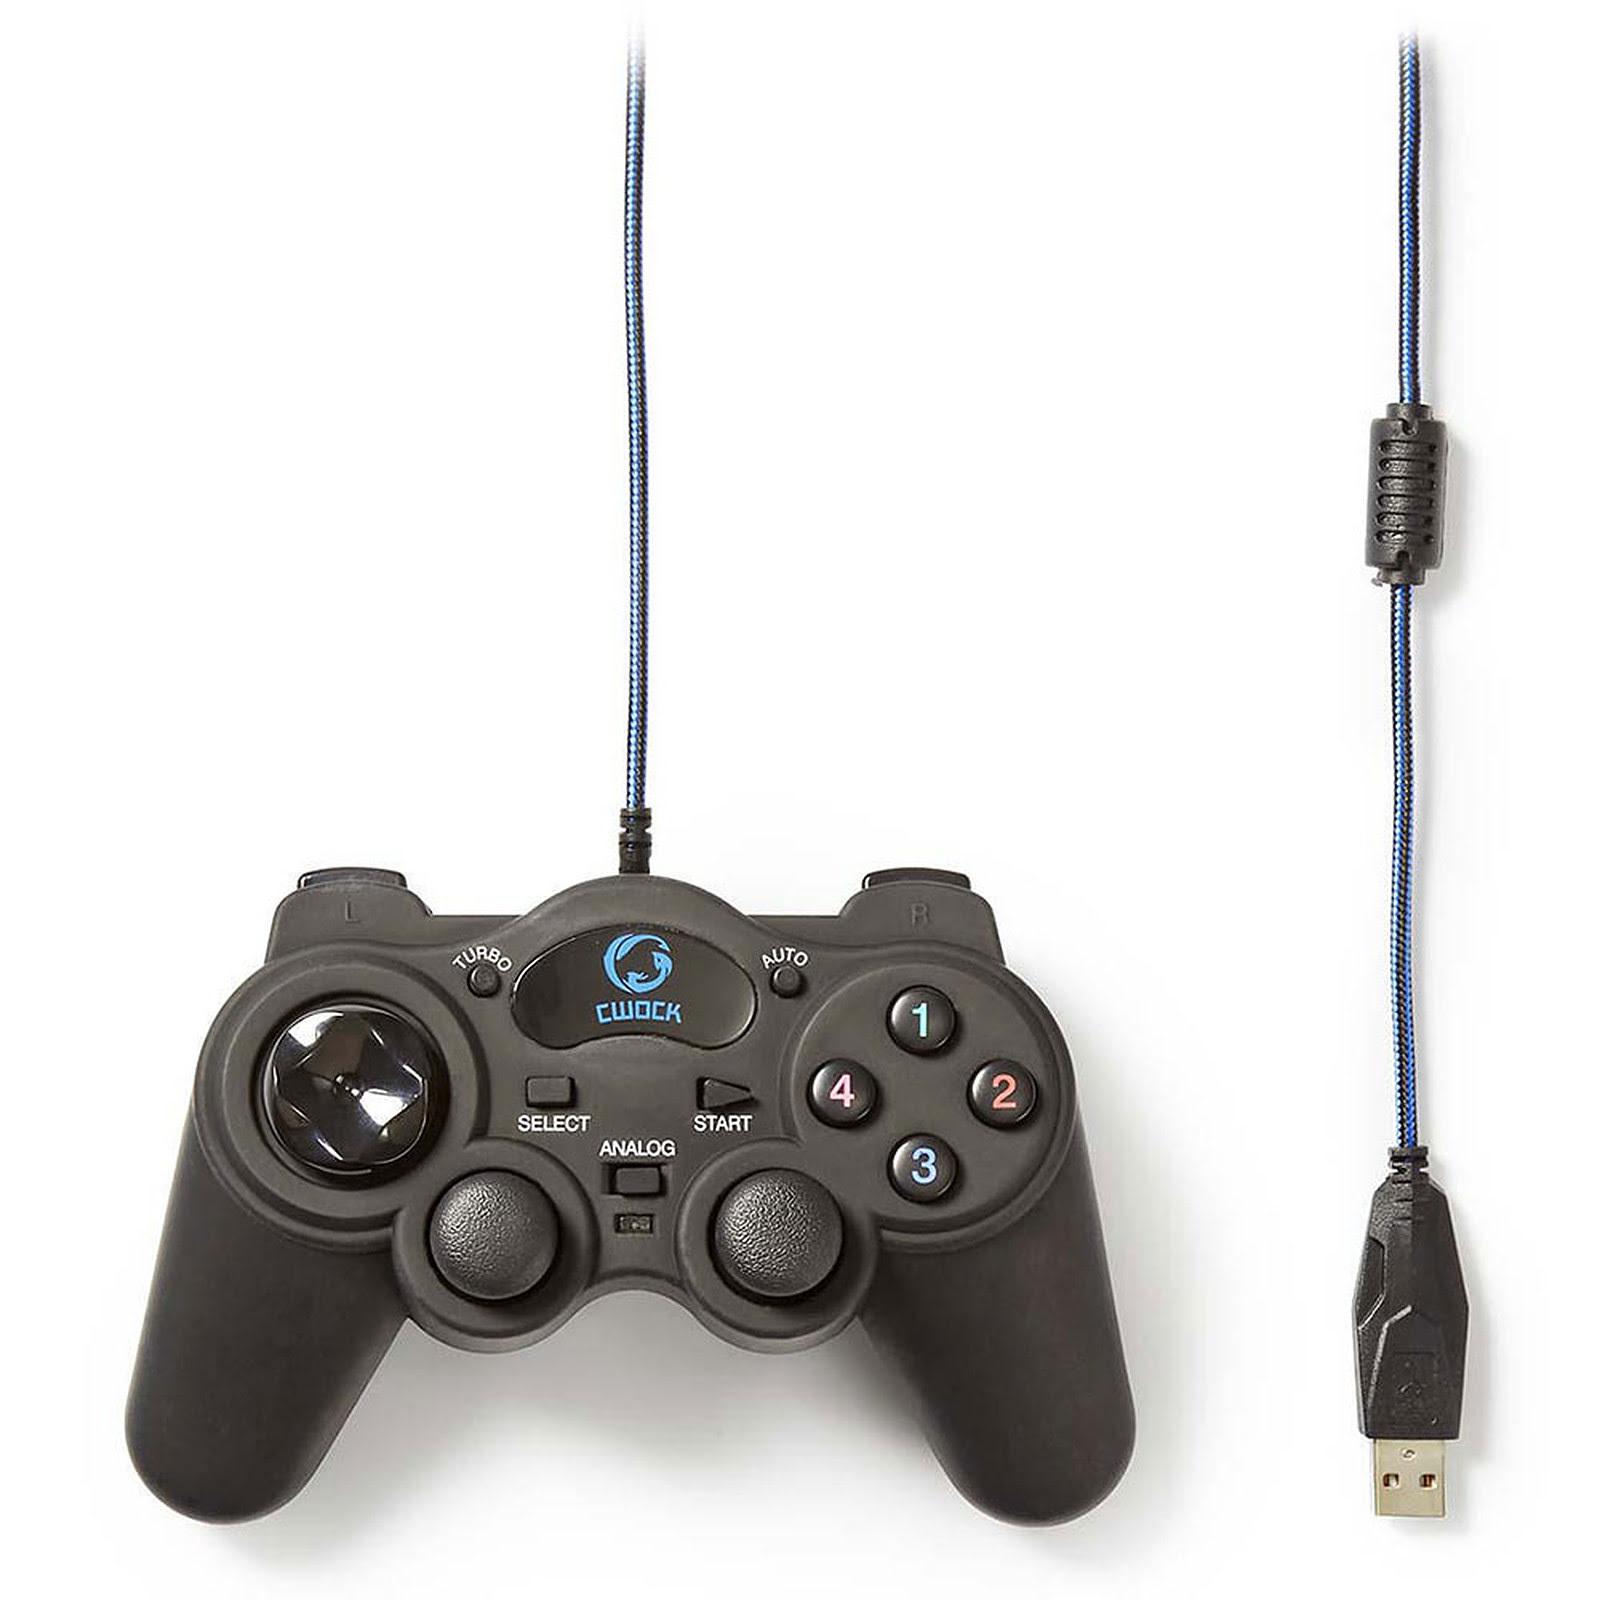 Manette de Jeu - 12 boutons/vibration/USB (GGPD100BK ++) - Achat / Vente Périphérique de jeu sur Picata.fr - 2